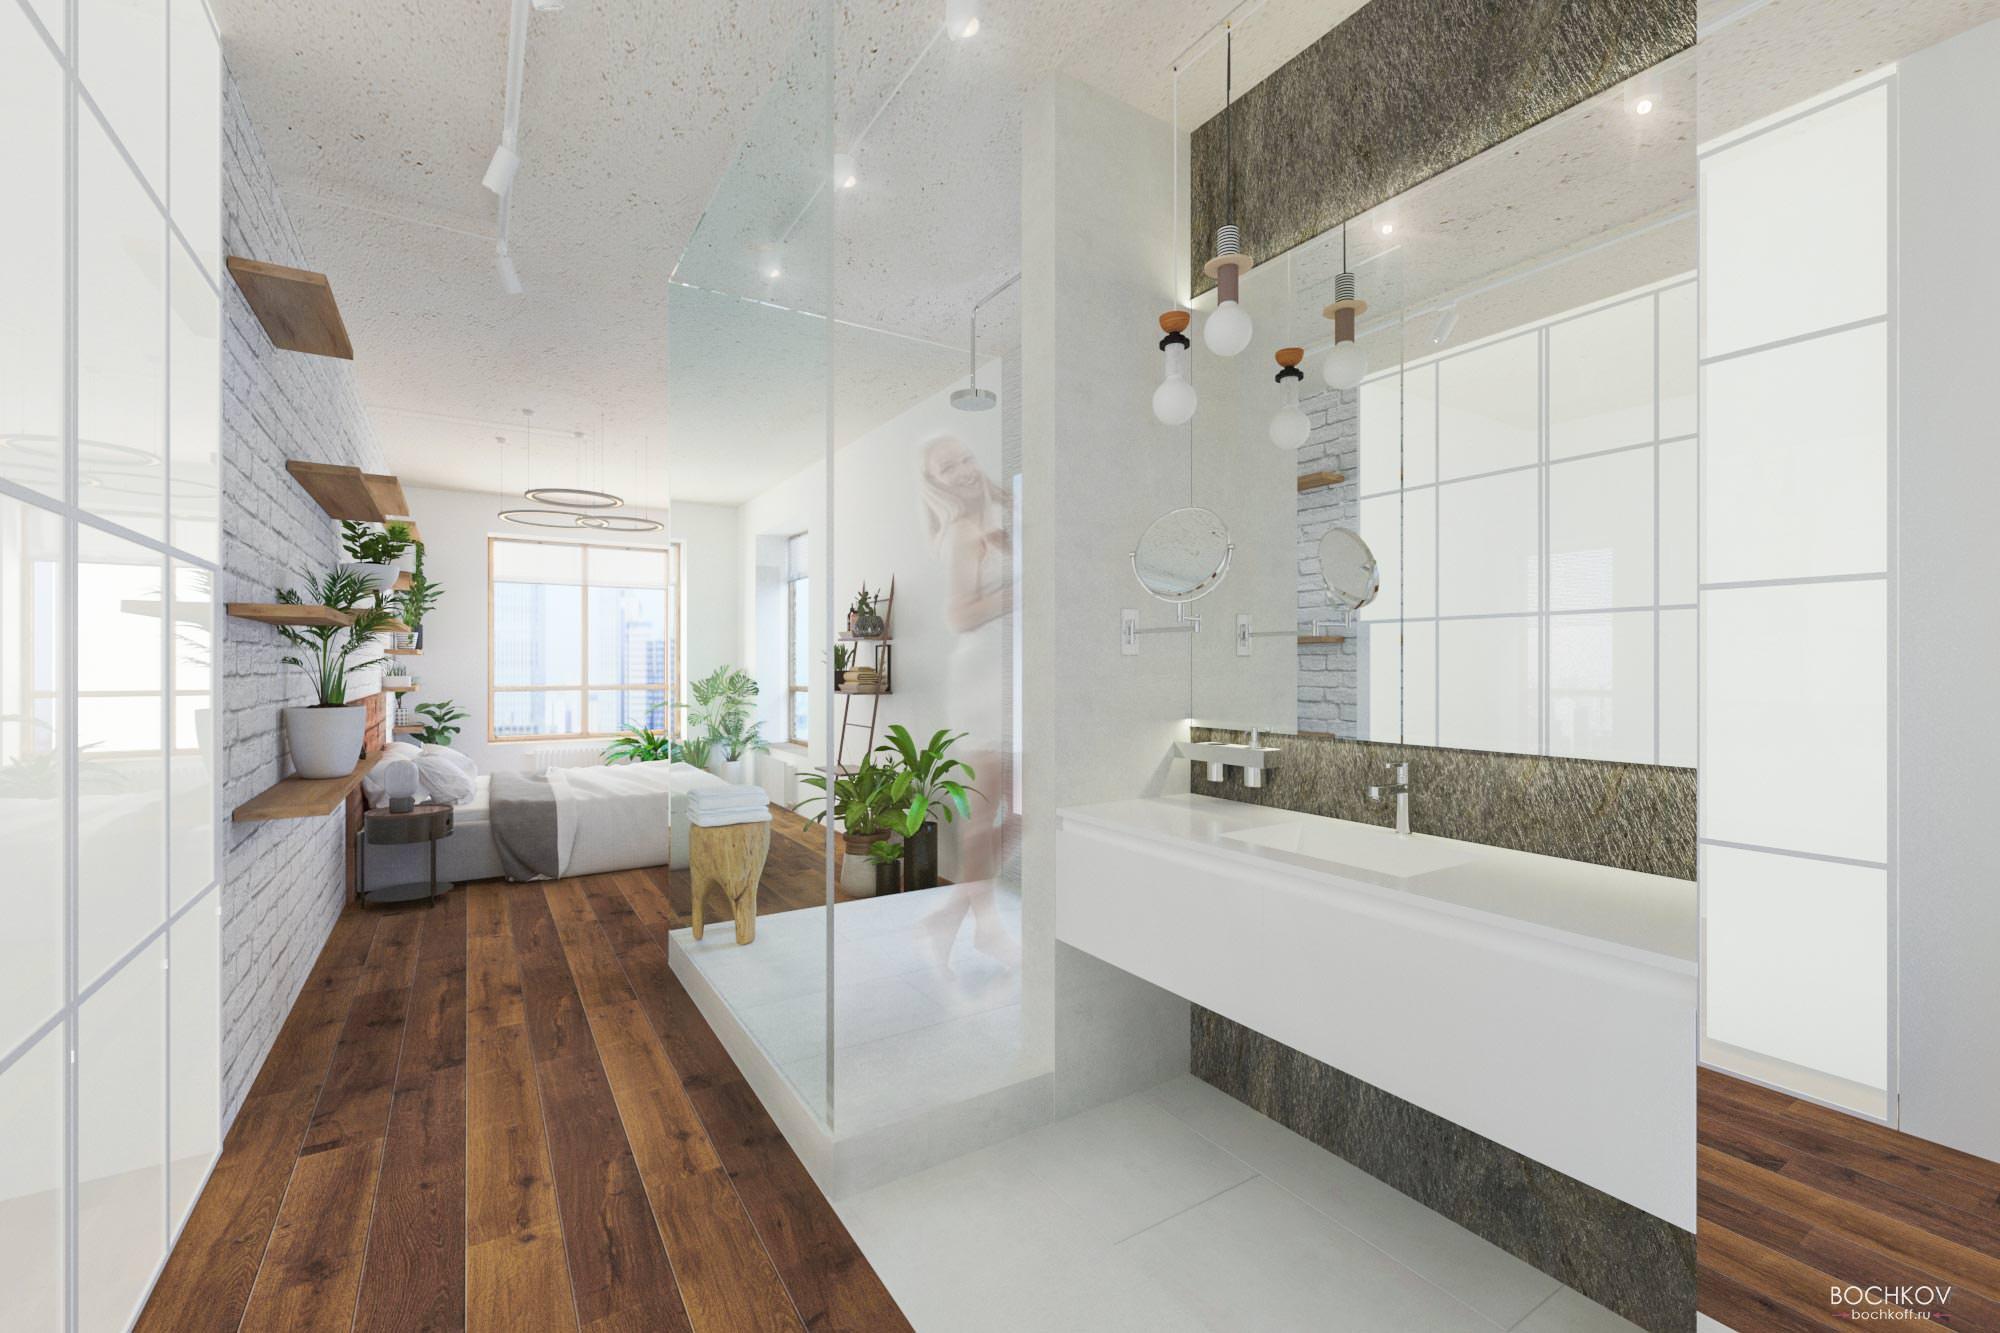 Спальная с ванной комнатой, Дизайн интерьера в ЖК Макаровский 2020г.